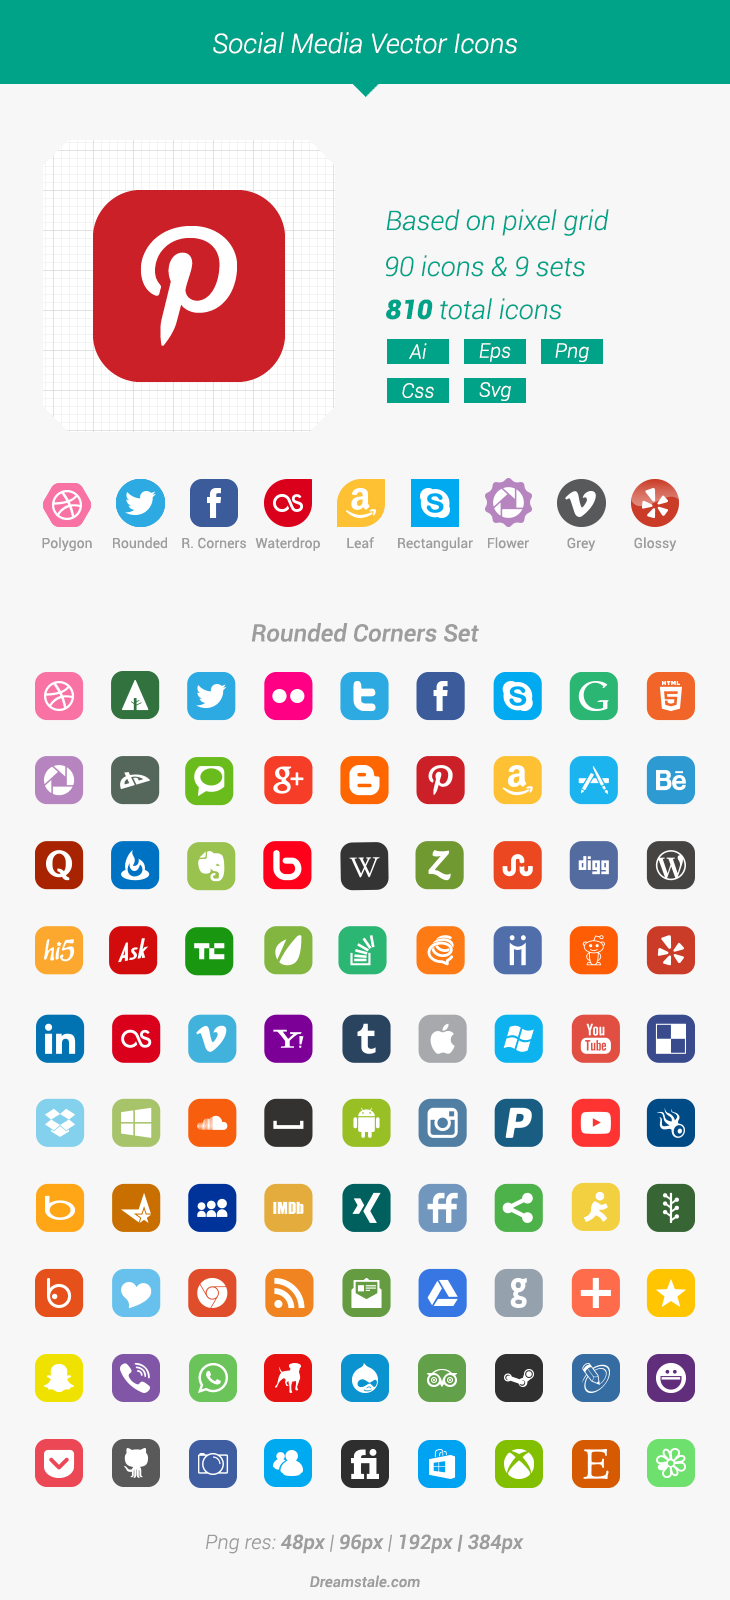 Free Download 90 Vector Social Media Icons Dreamstale